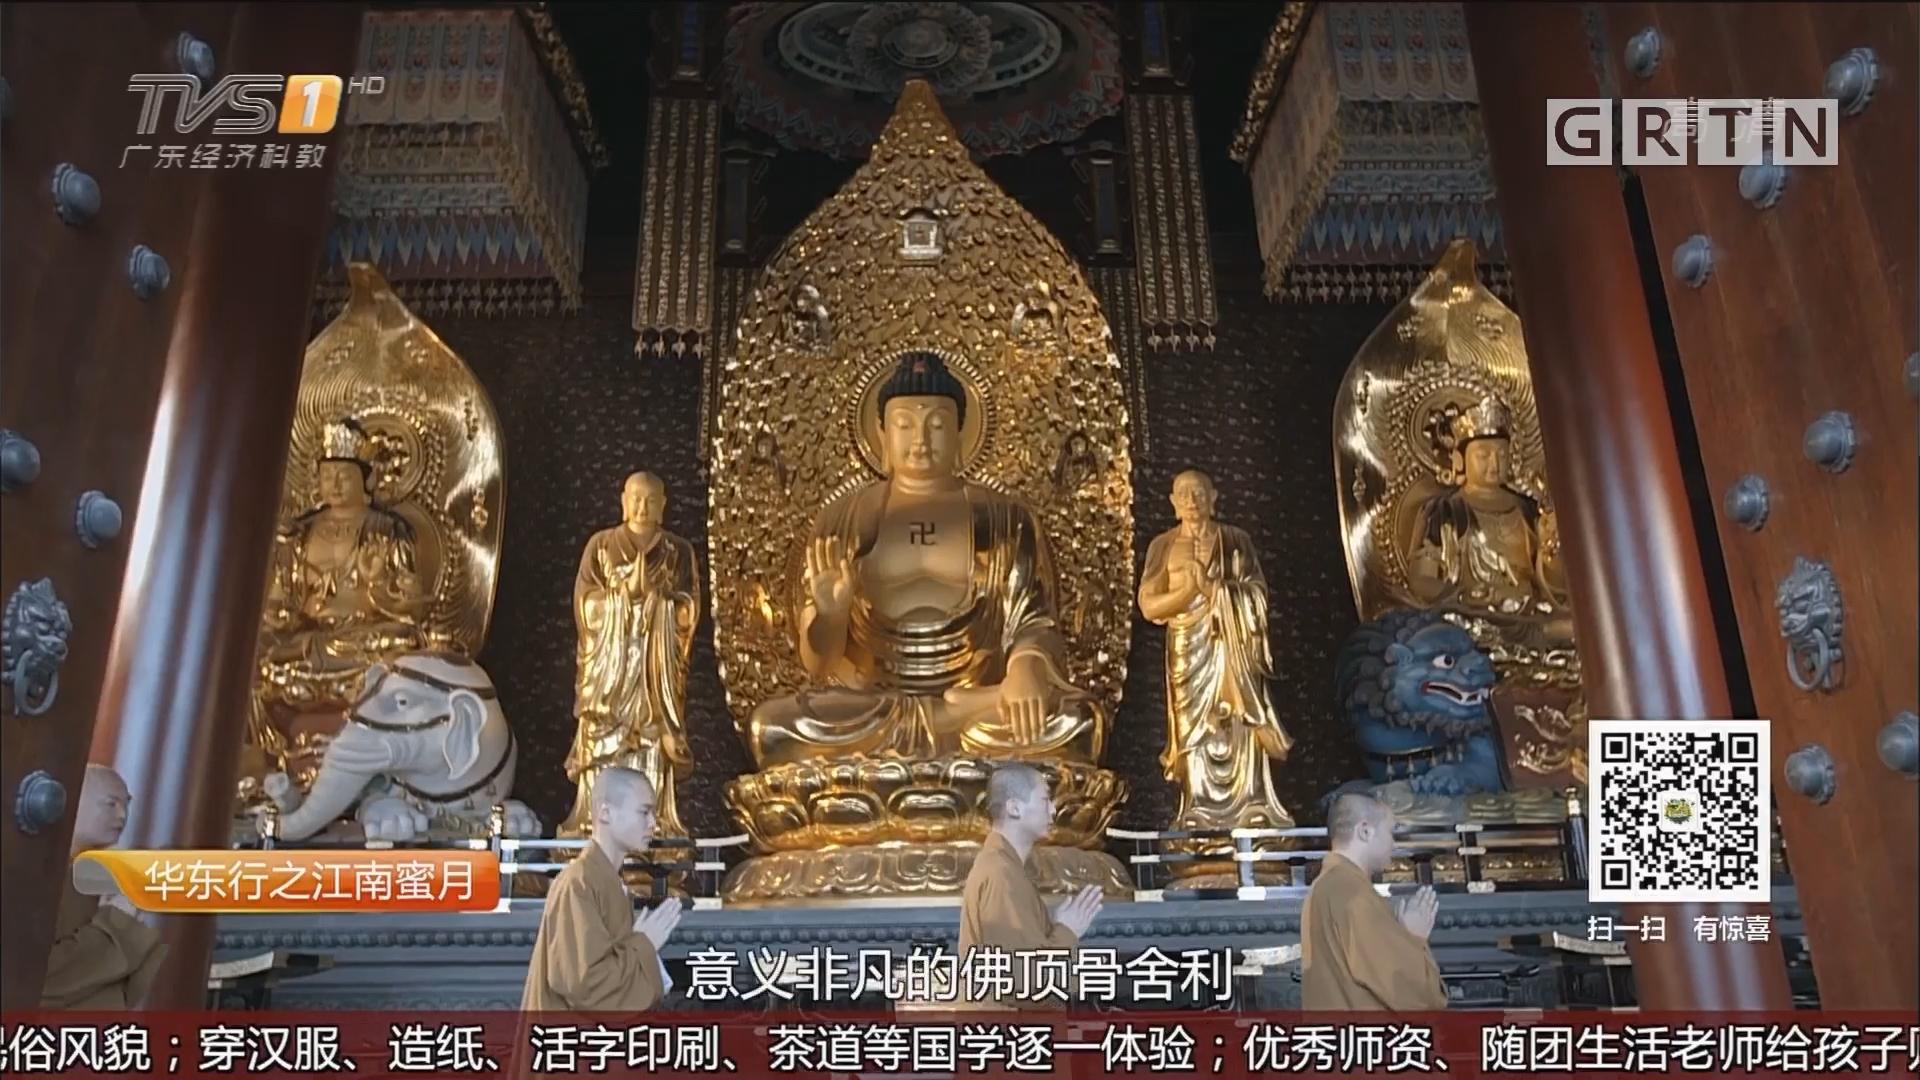 华东行之江南蜜月——南京牛首山